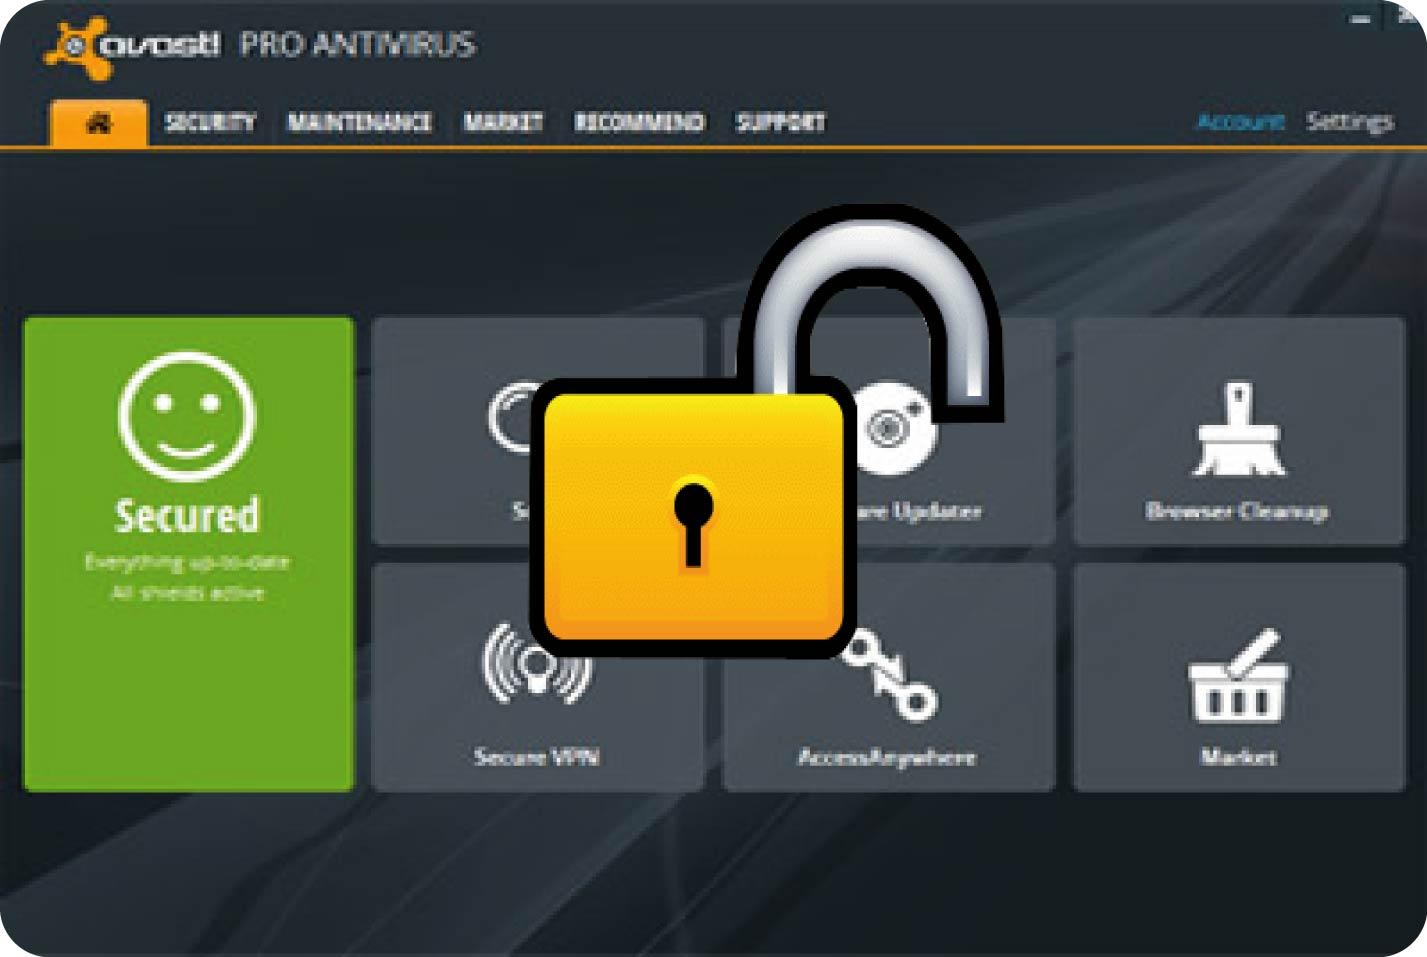 Avast Pro Antivirus 2019 Crack License Key Valid Till 2050